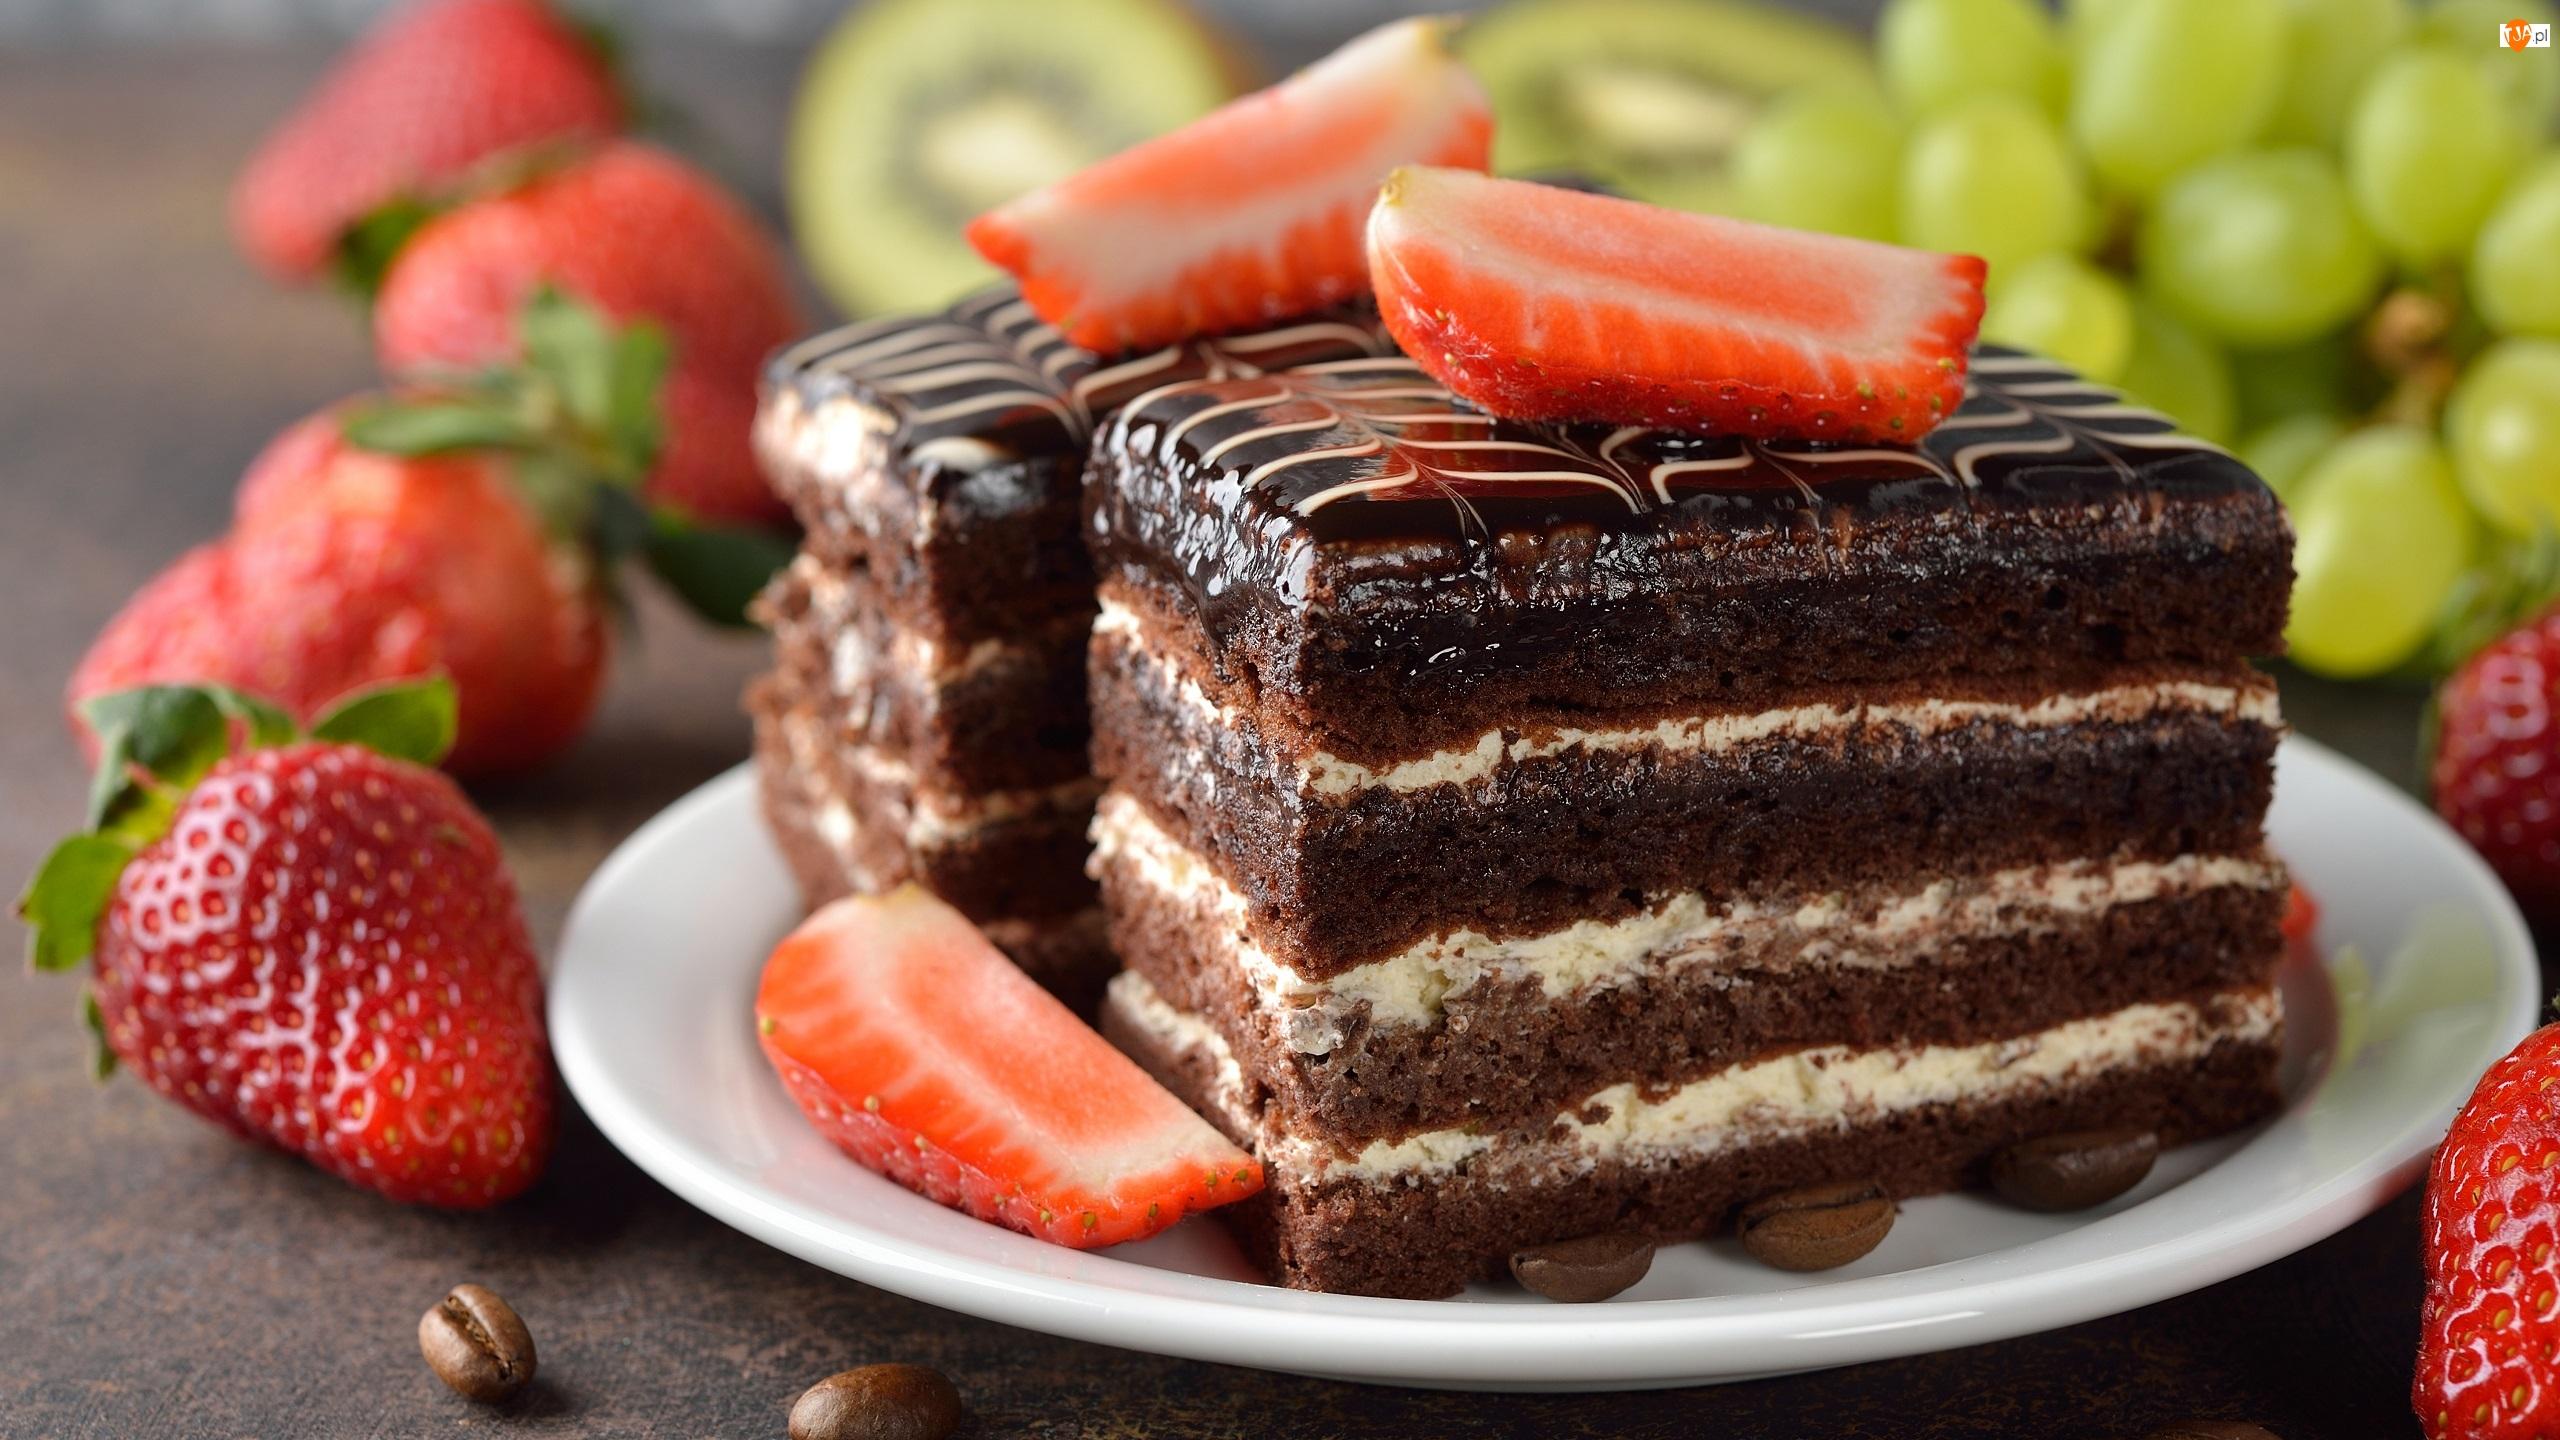 Owoce, Ciasto, Talerzyk, Kawałki, Truskawki